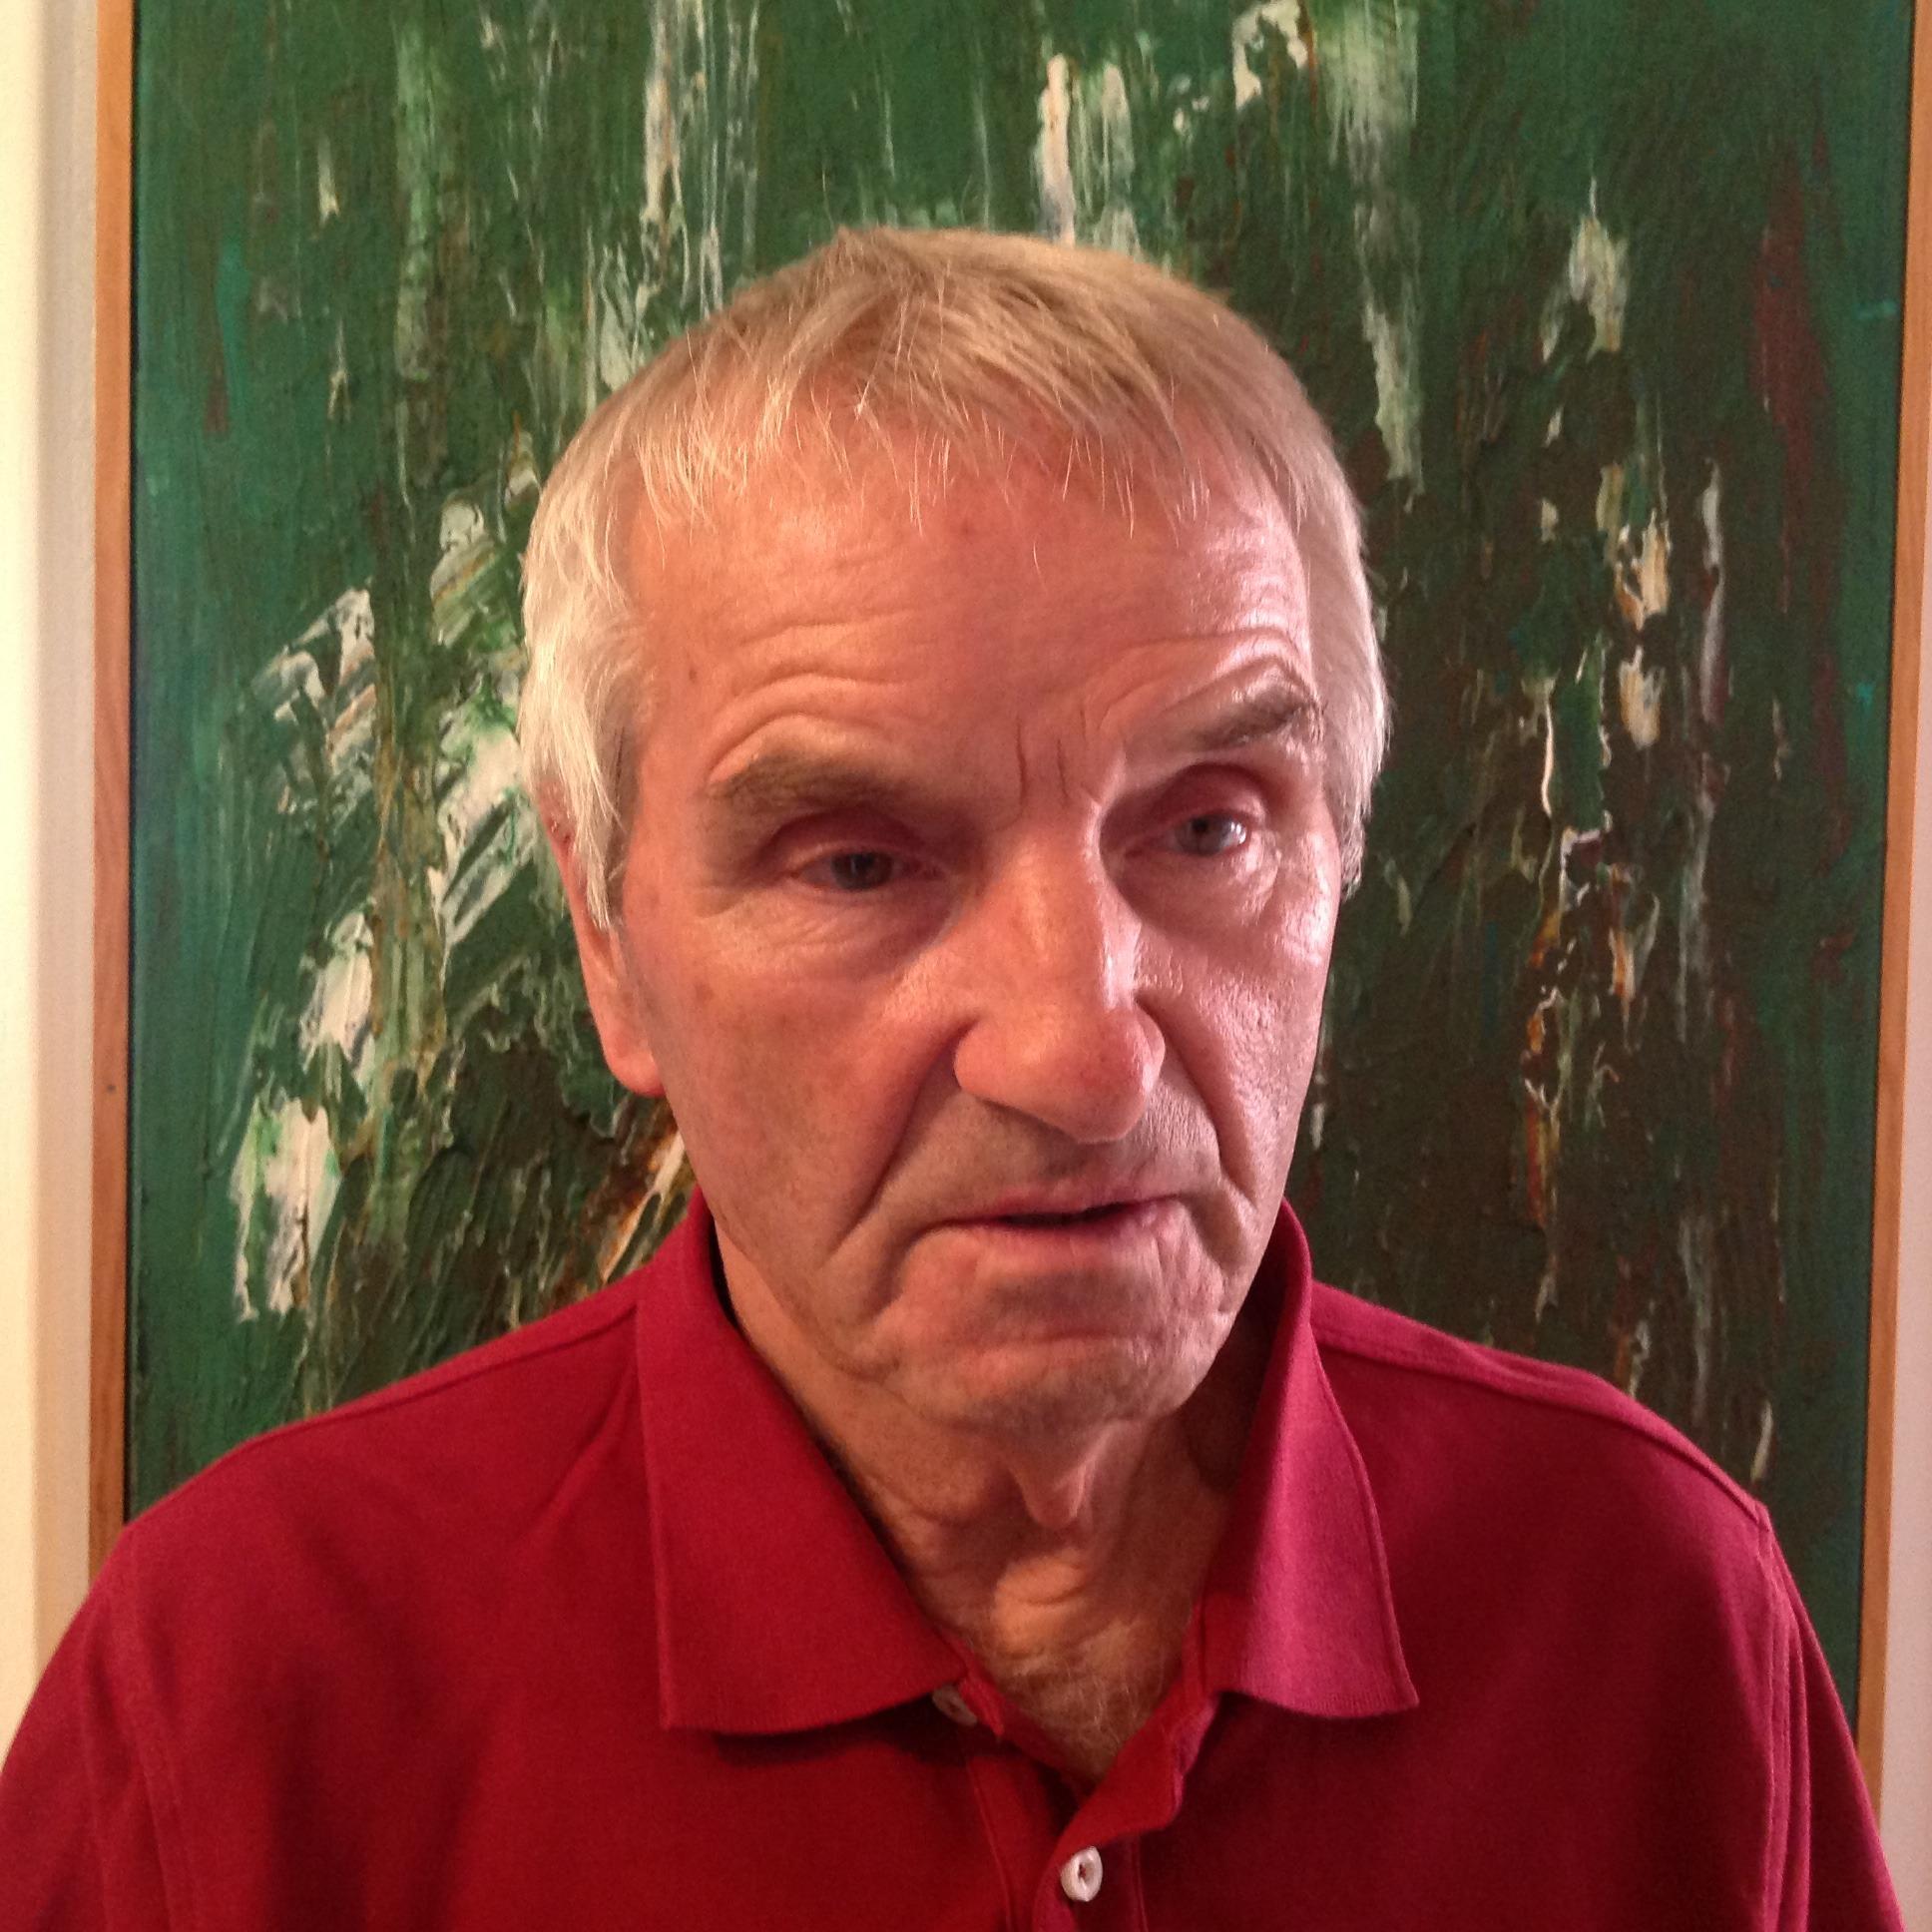 Jürgen Grothe